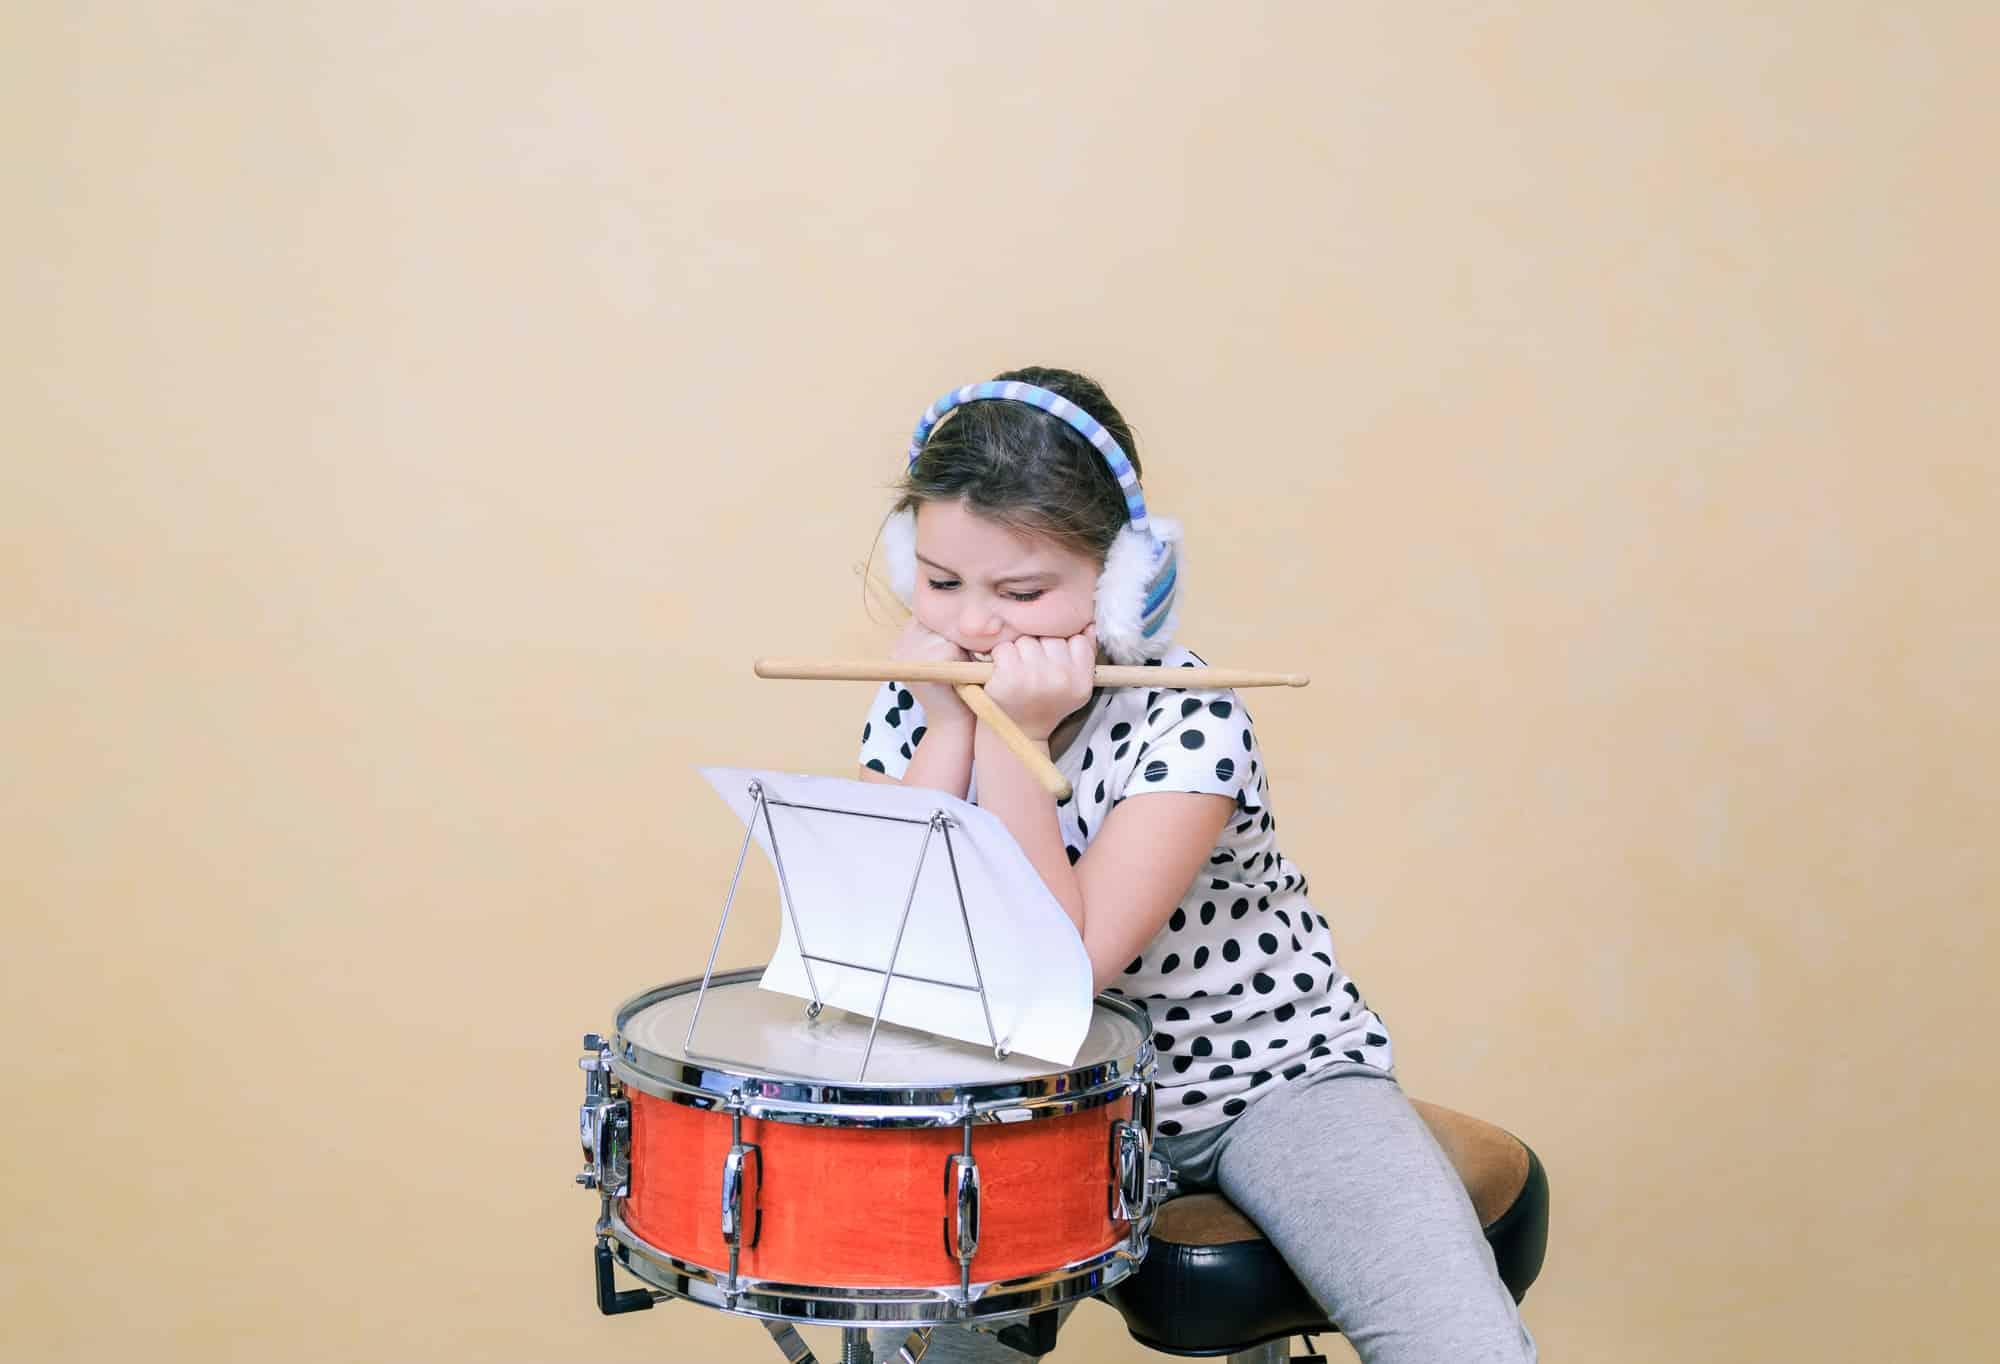 Schlagzeug lernen: Das 1x1 für die ersten Schritte